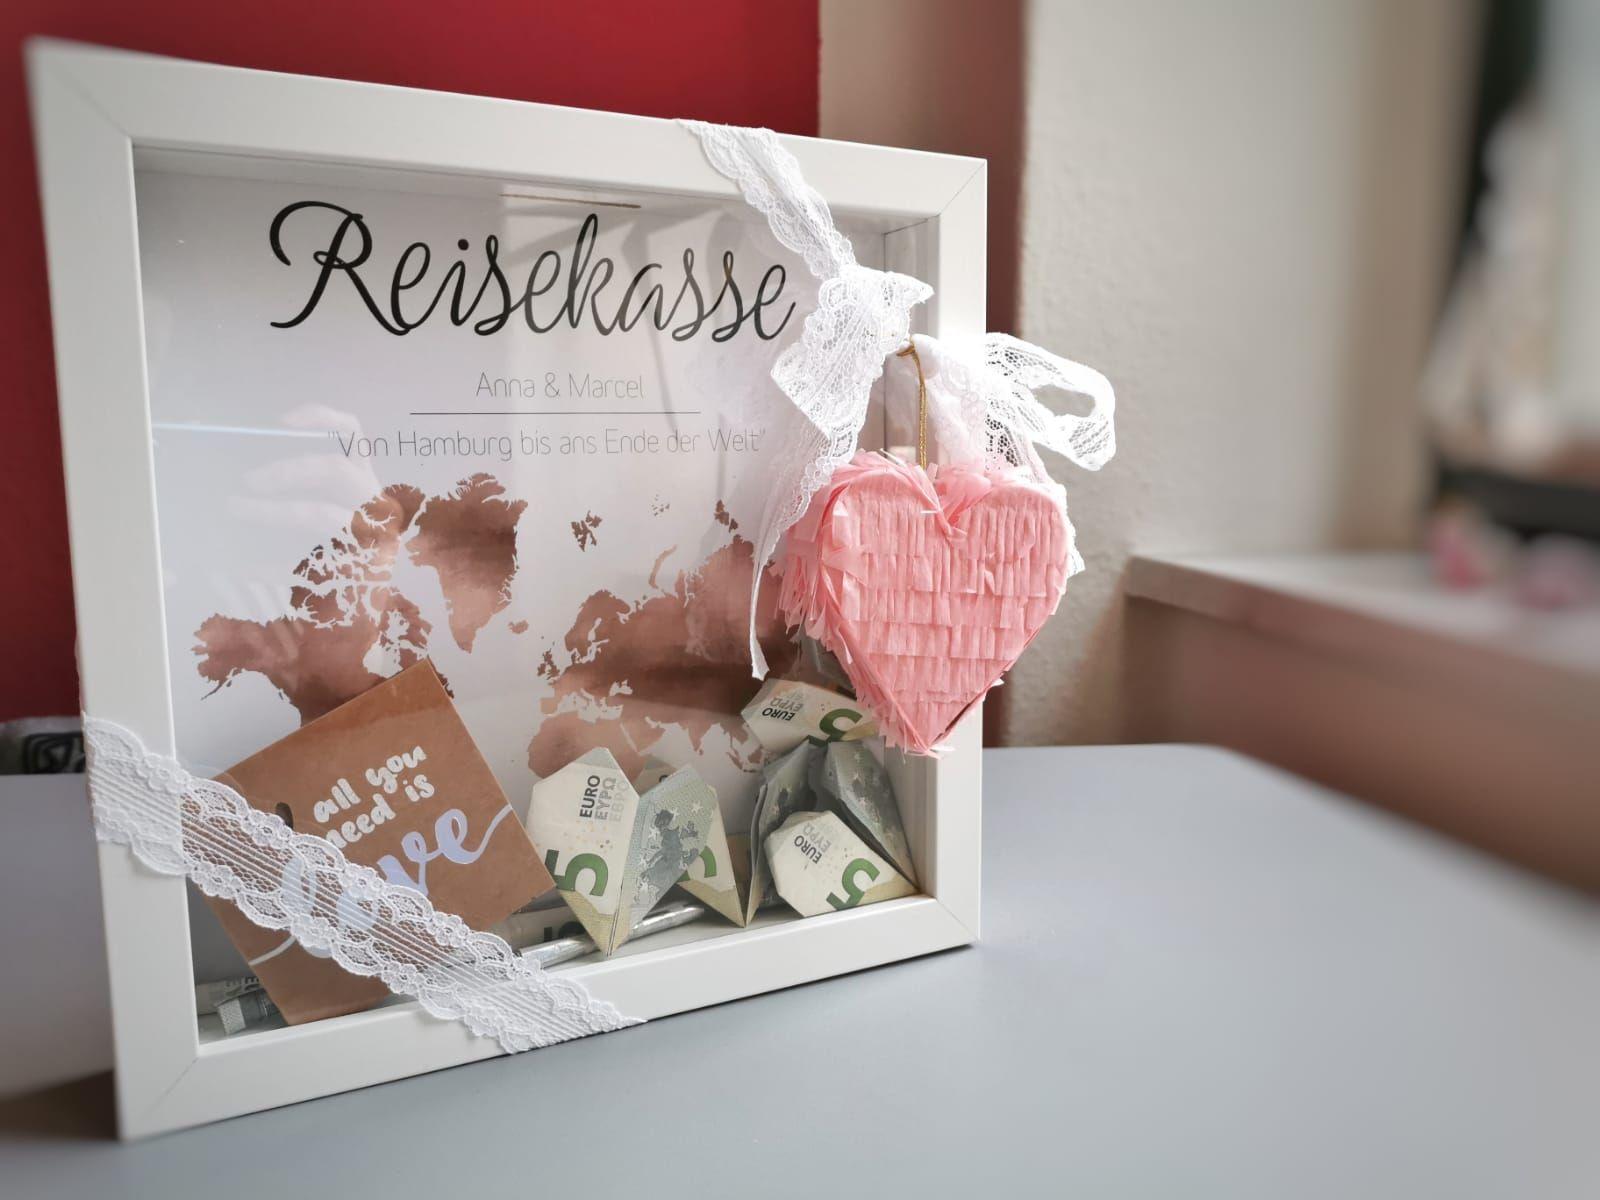 Reisekasse als Geschenk zur Hochzeit 🥰  Geschenk hochzeit